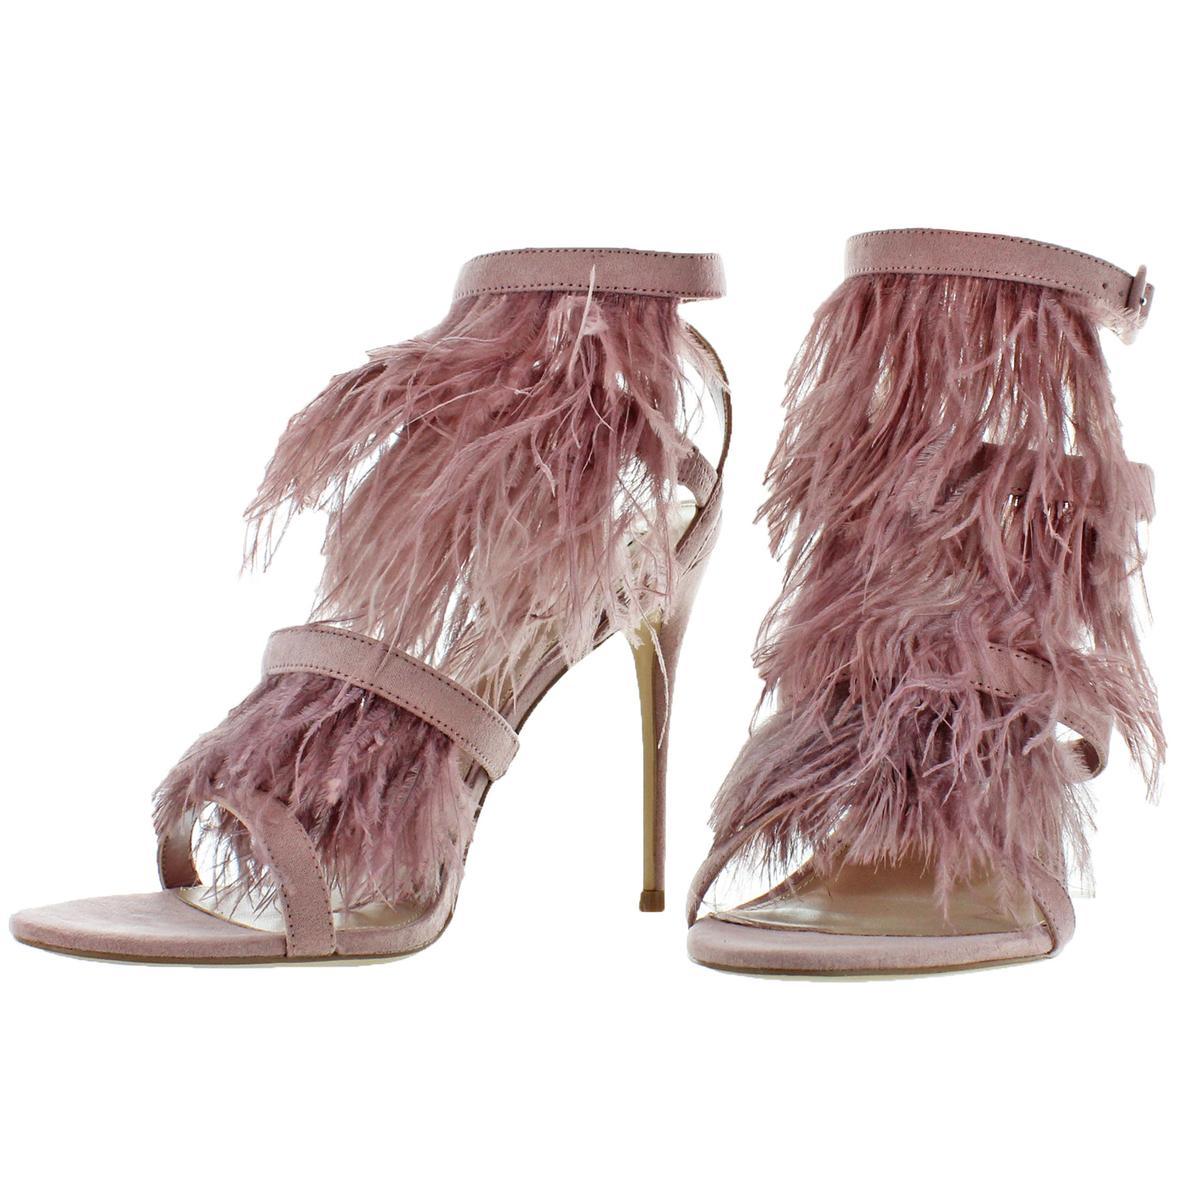 00475e4f95dd7 Steve Madden Women s Fefe Microsuede Feather Open Toe Sandal Heels ...